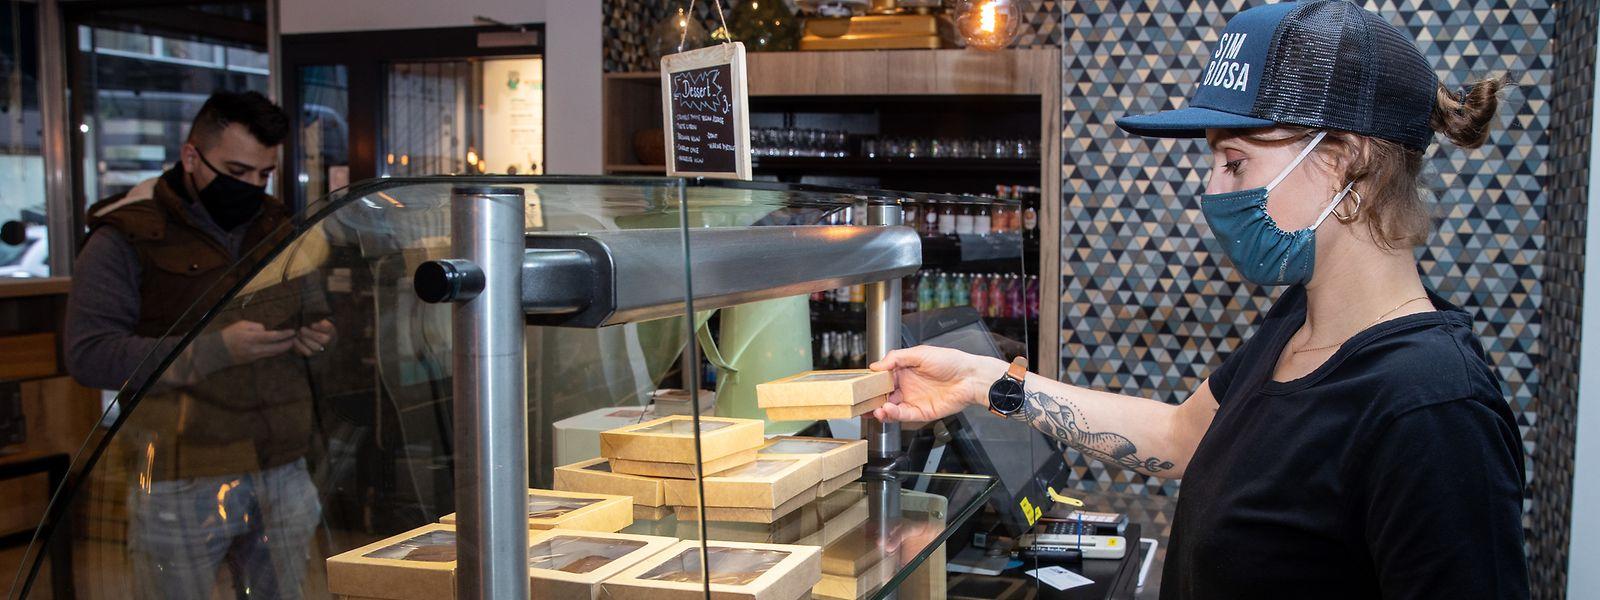 Le restaurant propose une carte réduite de plats à emporter pour éviter les gaspillages.